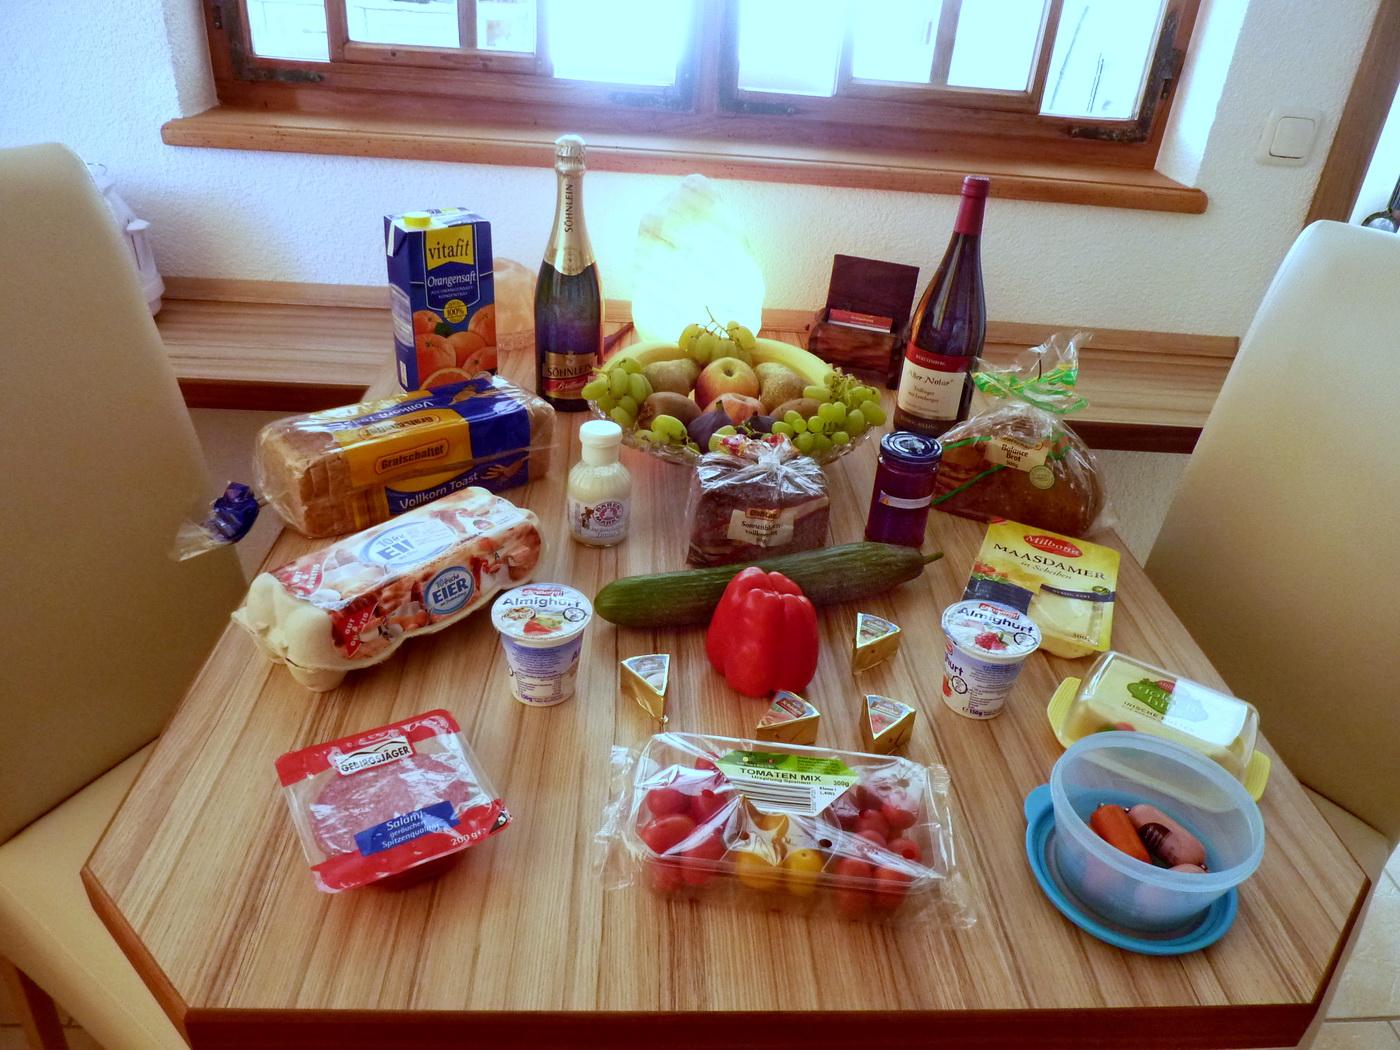 Alles was Sie für das erste Frühstück benötigen!